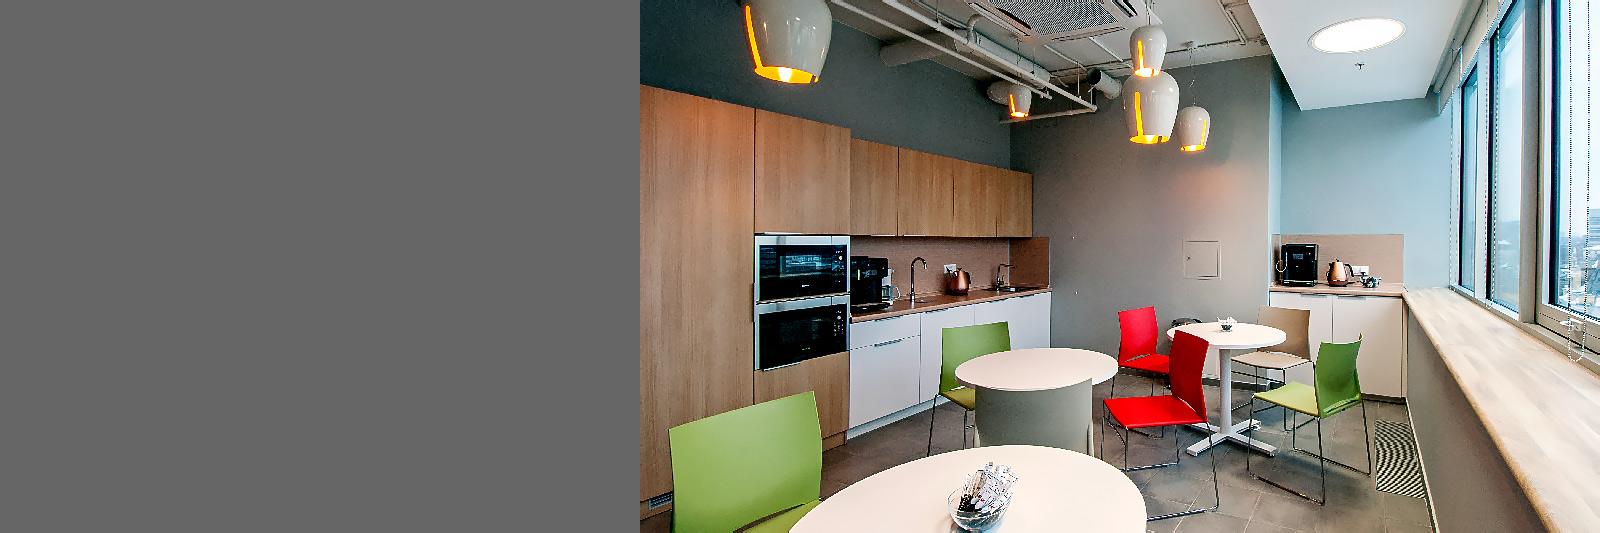 Кухня для офиса со встроенной техникой по индивидуальному проекту